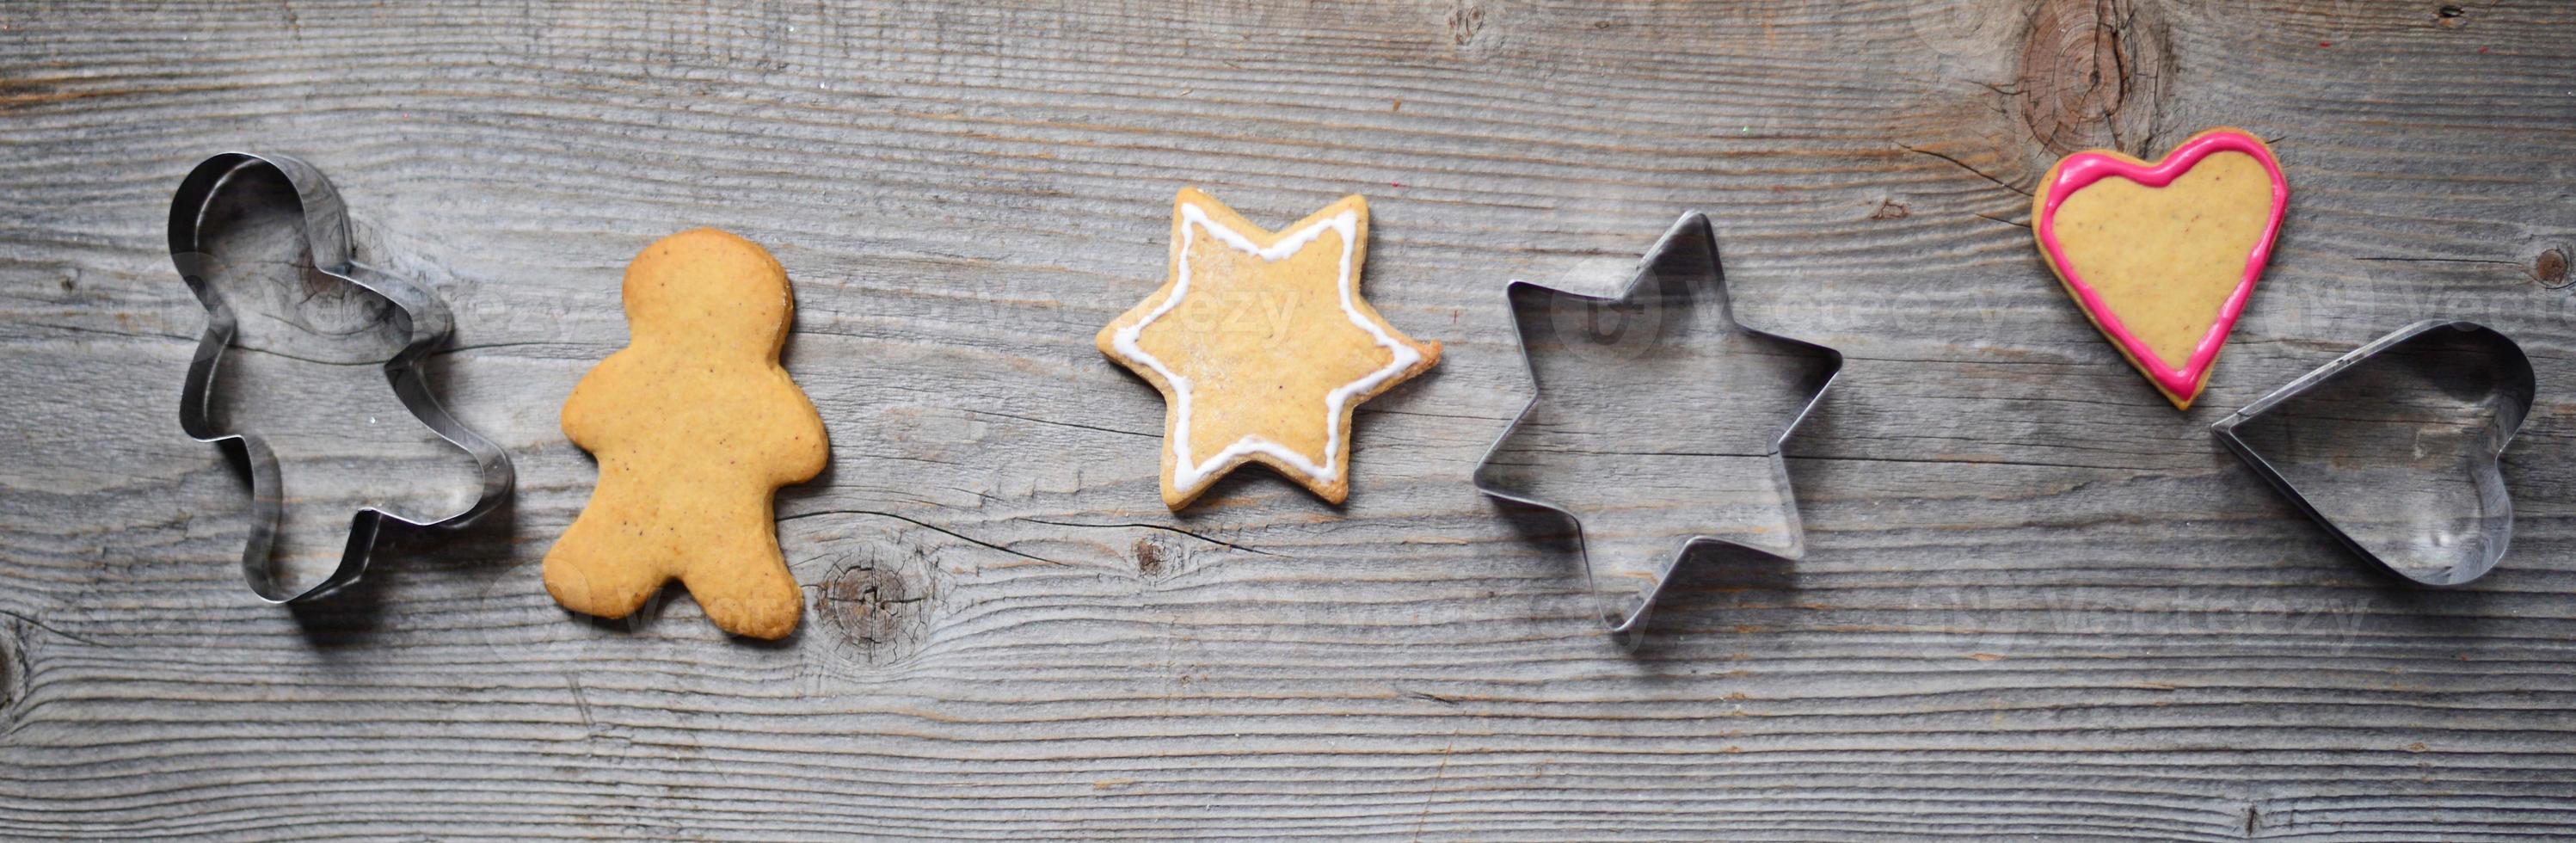 biscuits en pain d'épice avec leurs formes photo